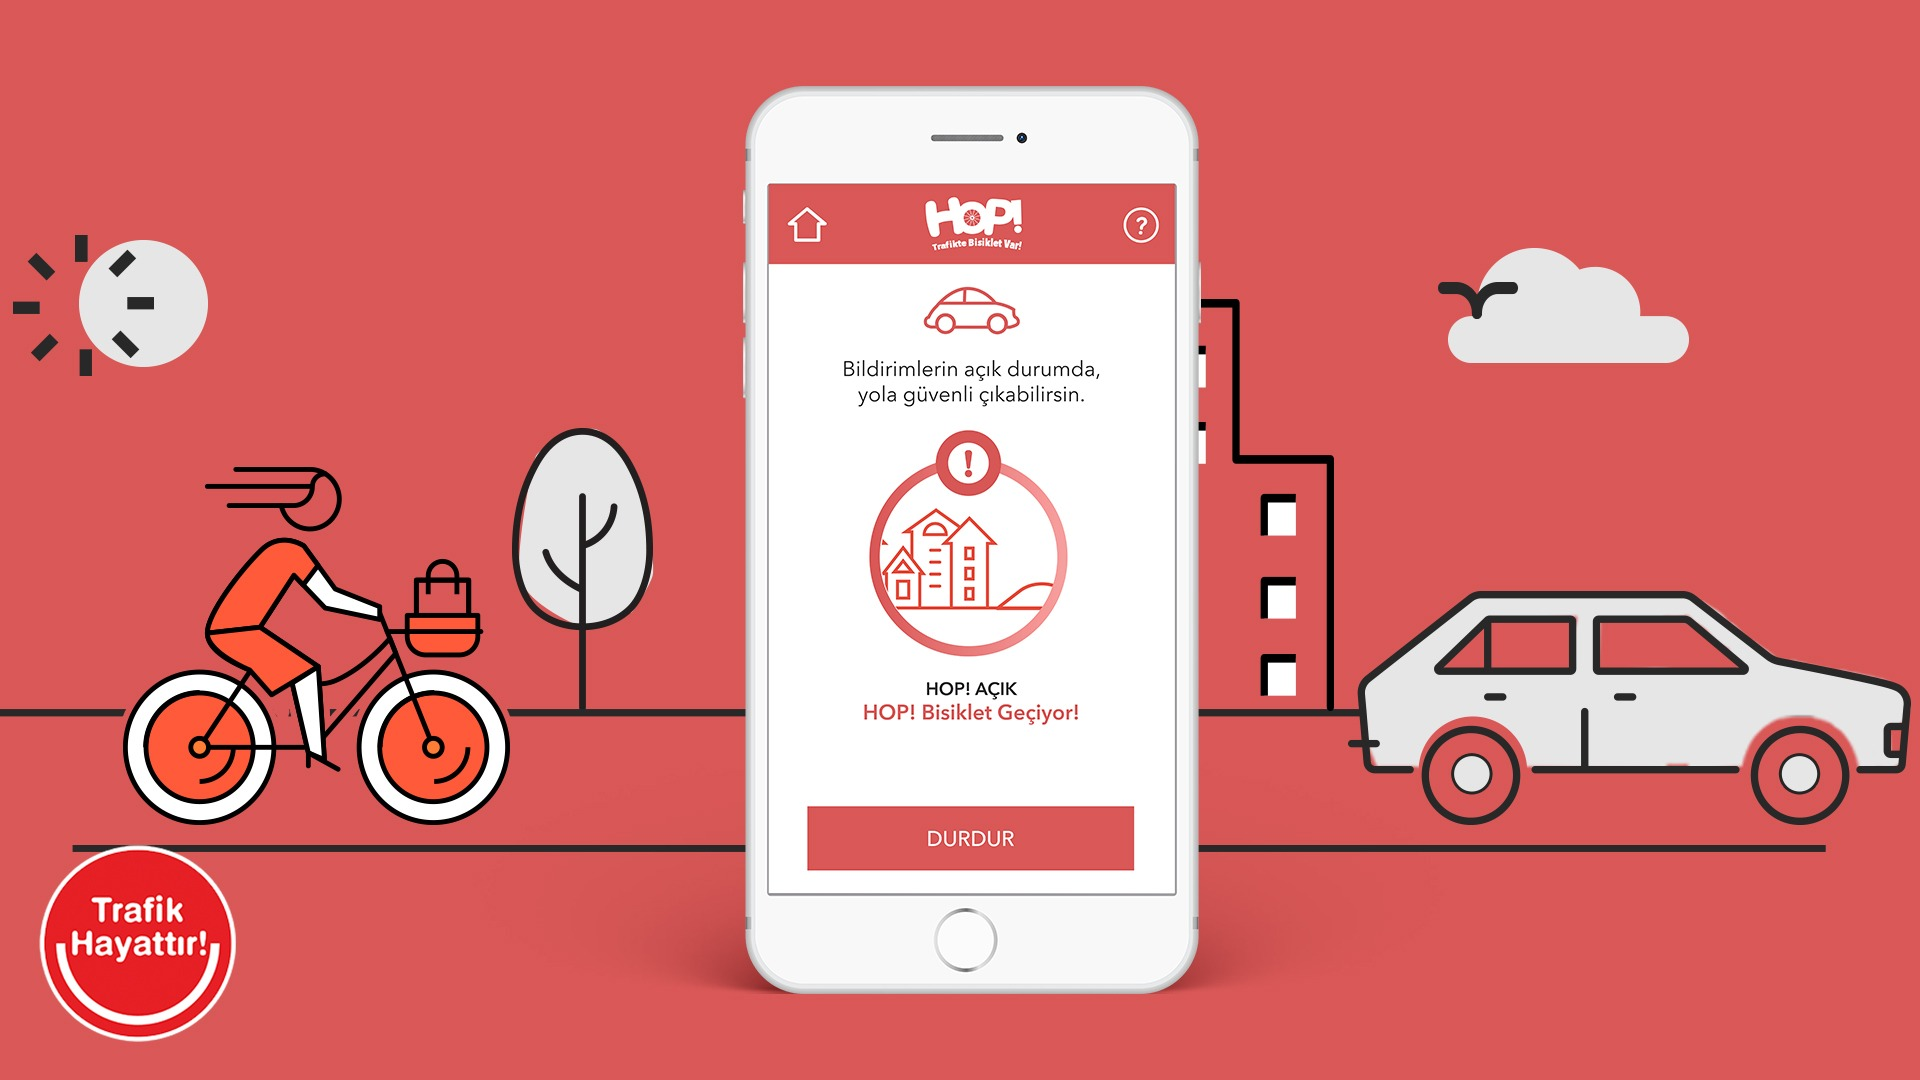 HOP mobil uygulaması